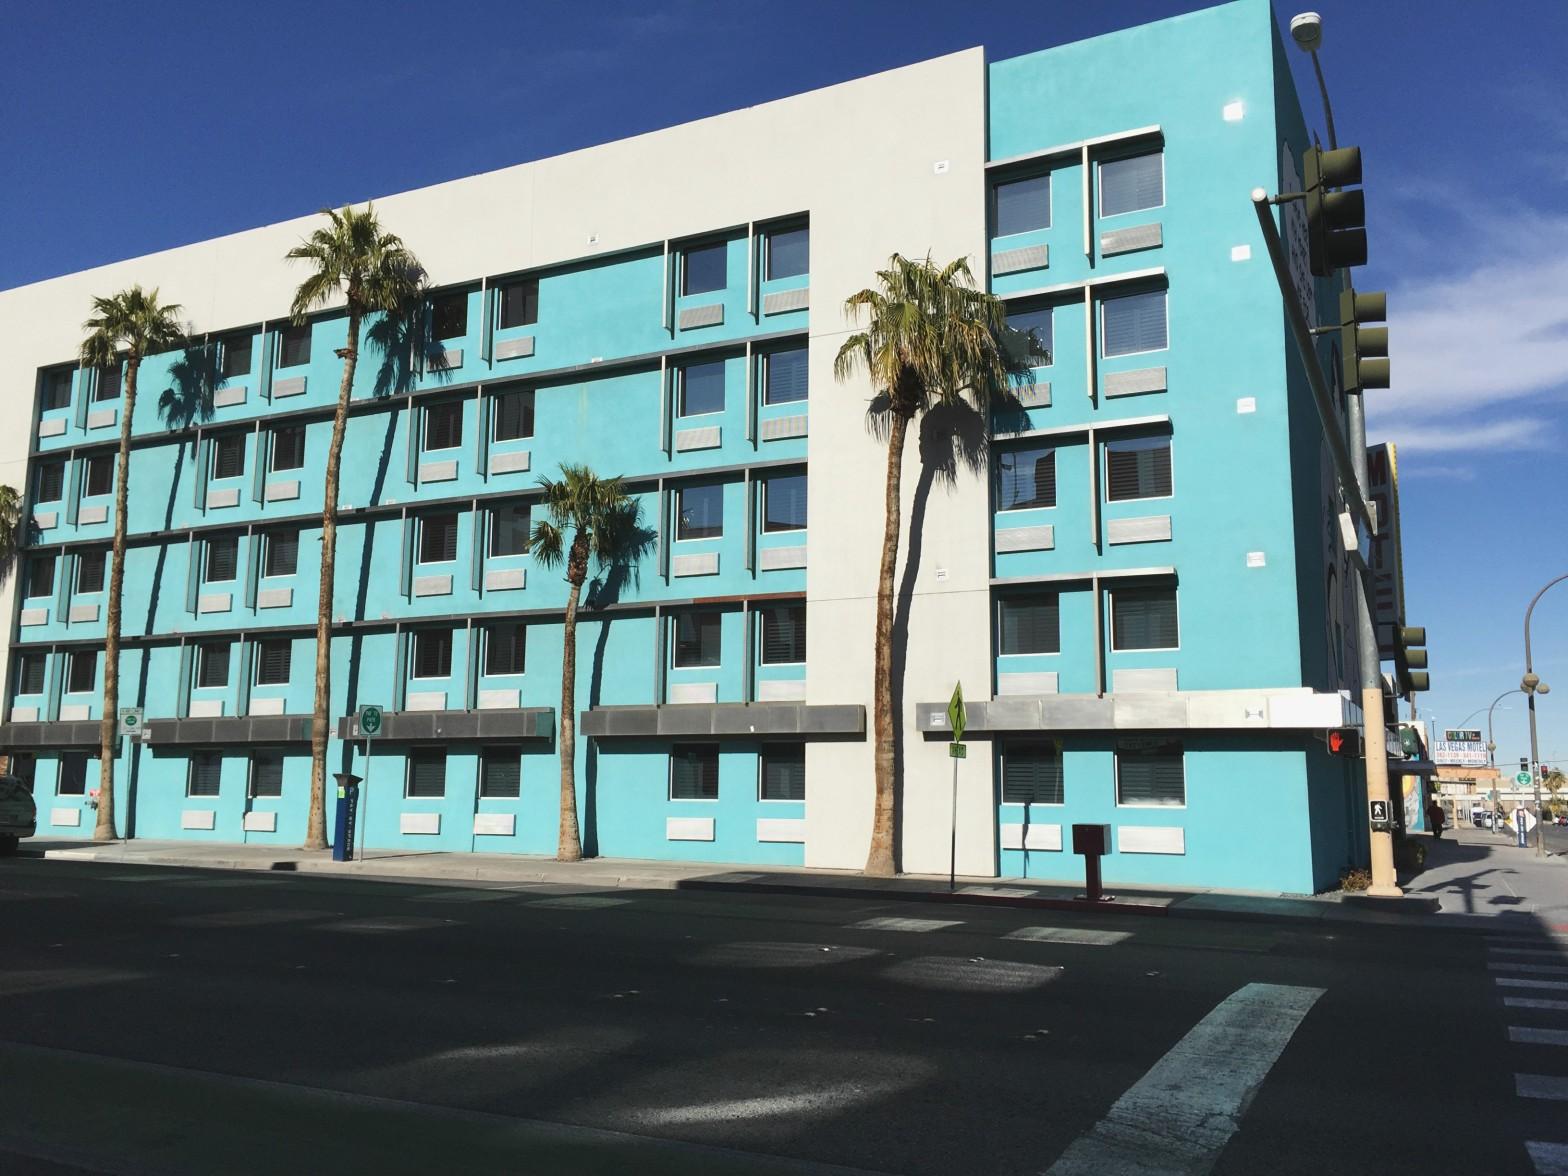 Cabana Suites at the El Cortez Downtown Las Vegas Cheap Vegas Hotels